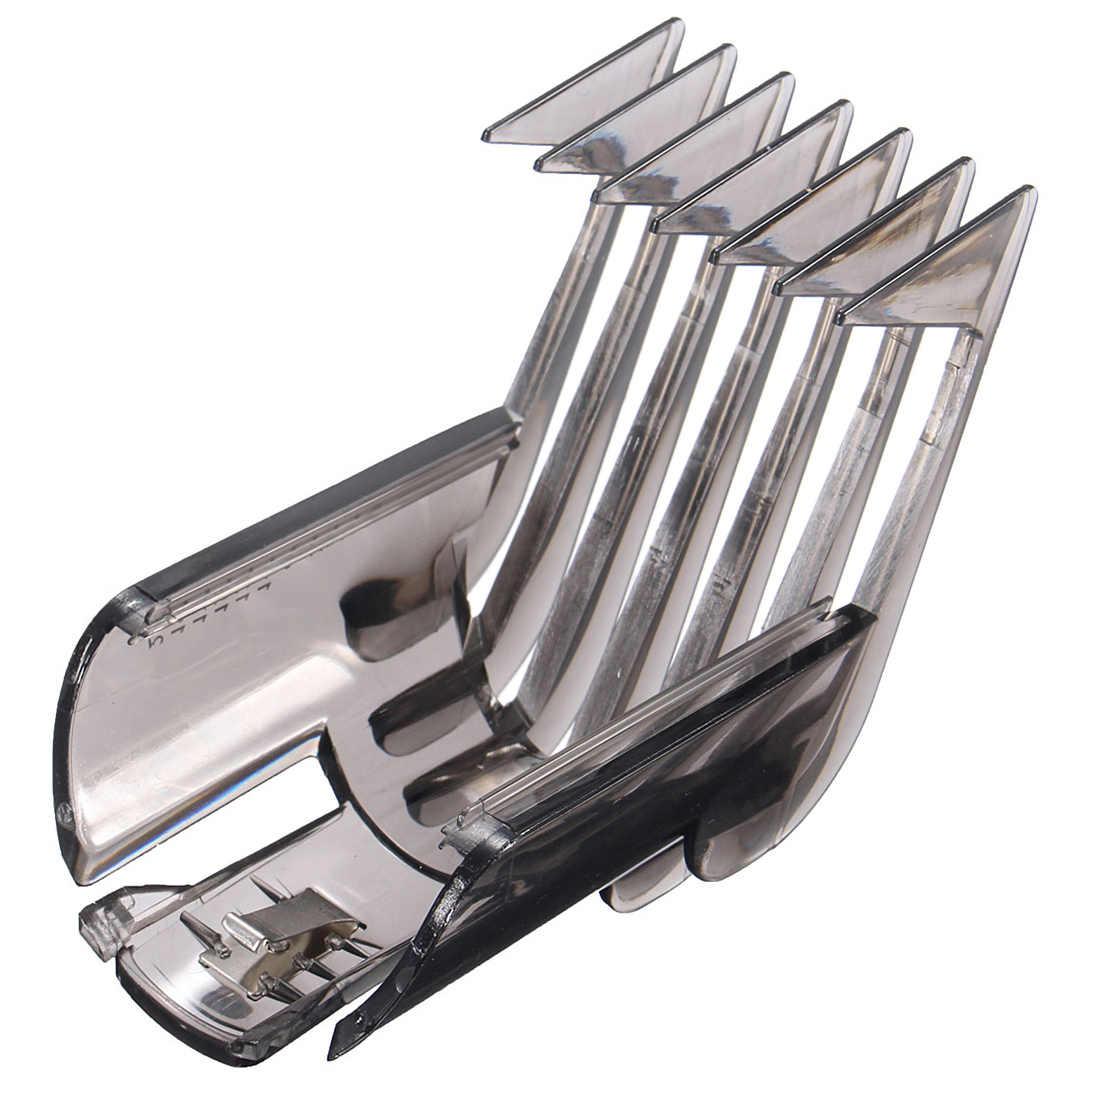 Cortador de cabelo aparador de barba navalha guia pente ferramentas de fixação para philips qc5130/05/15/20/25/35 3-21mm ajustável profissão